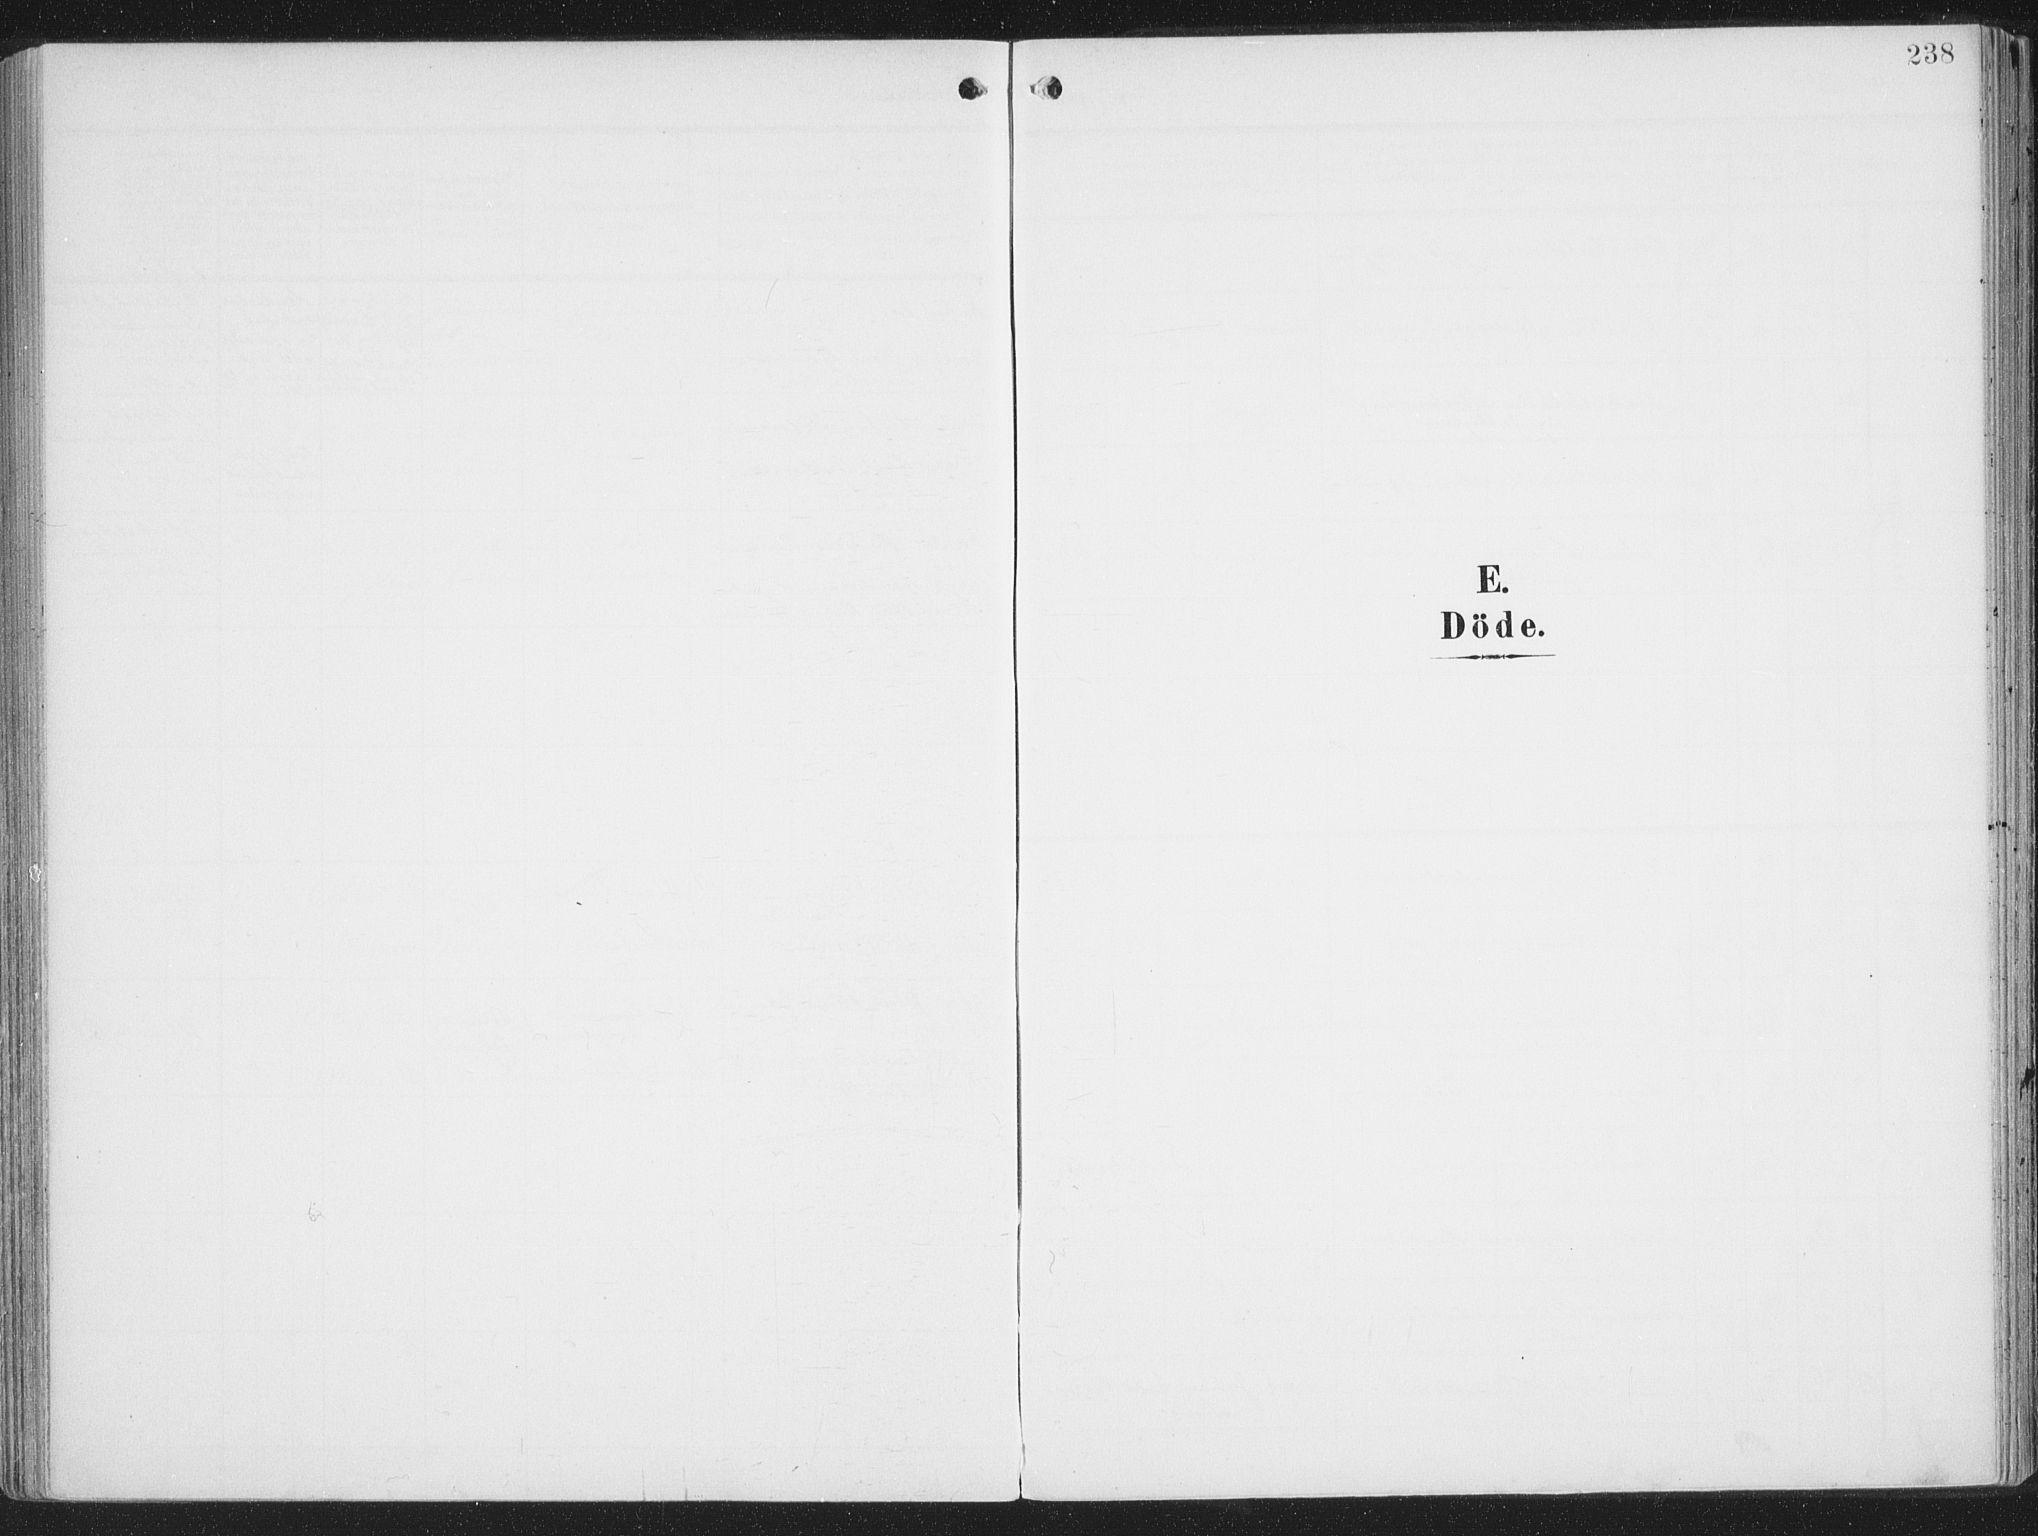 SATØ, Alta sokneprestkontor, H/Ha/L0005.kirke: Ministerialbok nr. 5, 1904-1918, s. 238